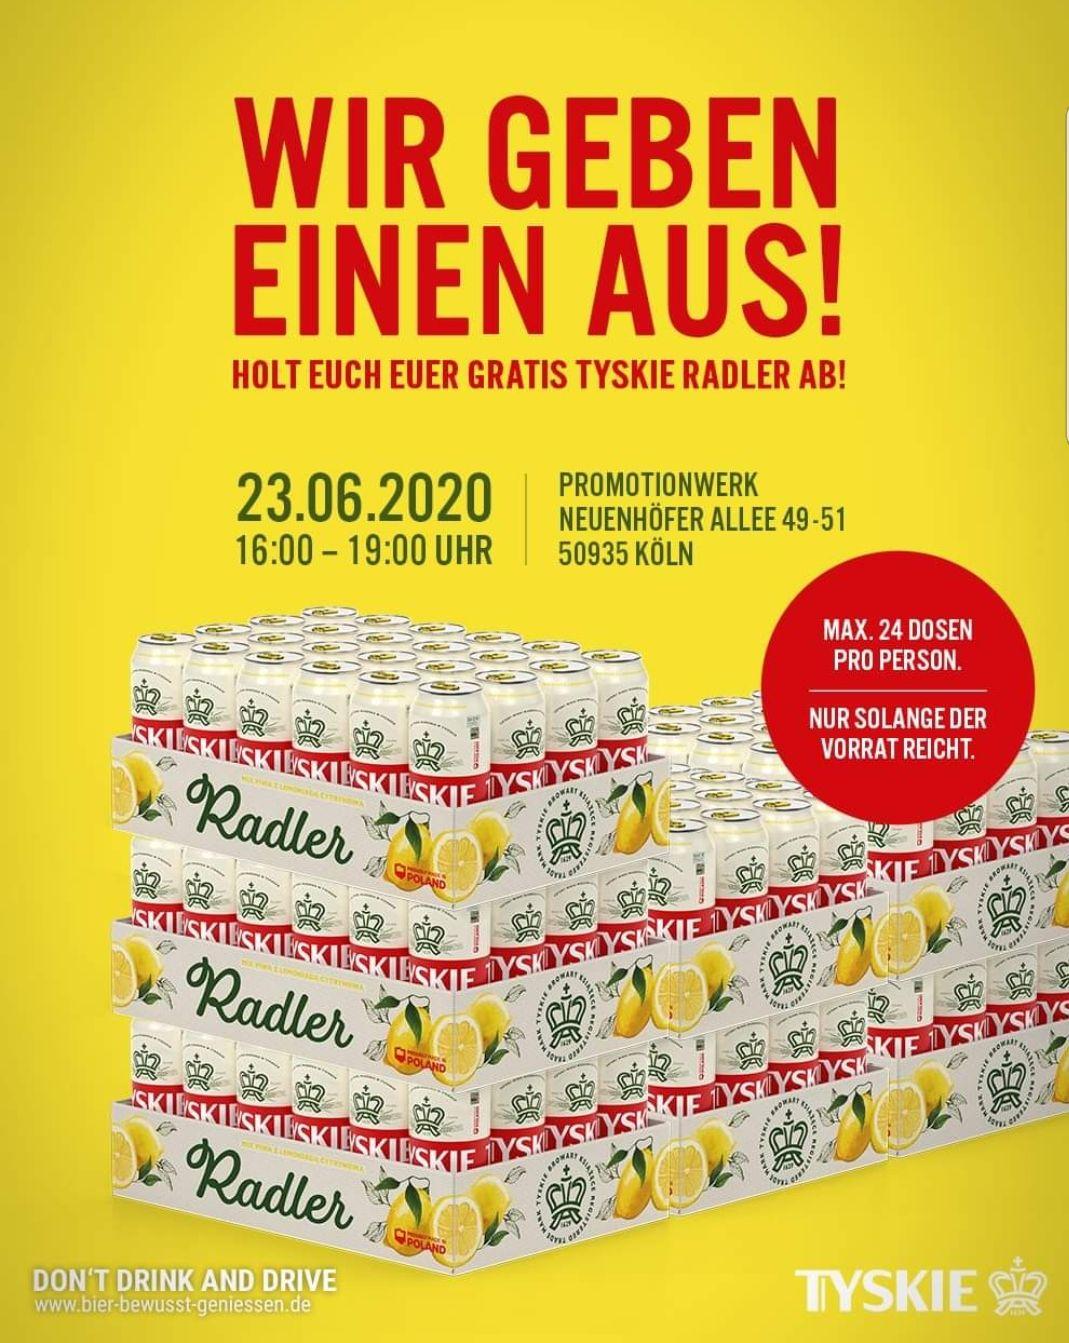 [Tyskie] bis zu 24x Radler p. P. kostenlos / Lokal Köln